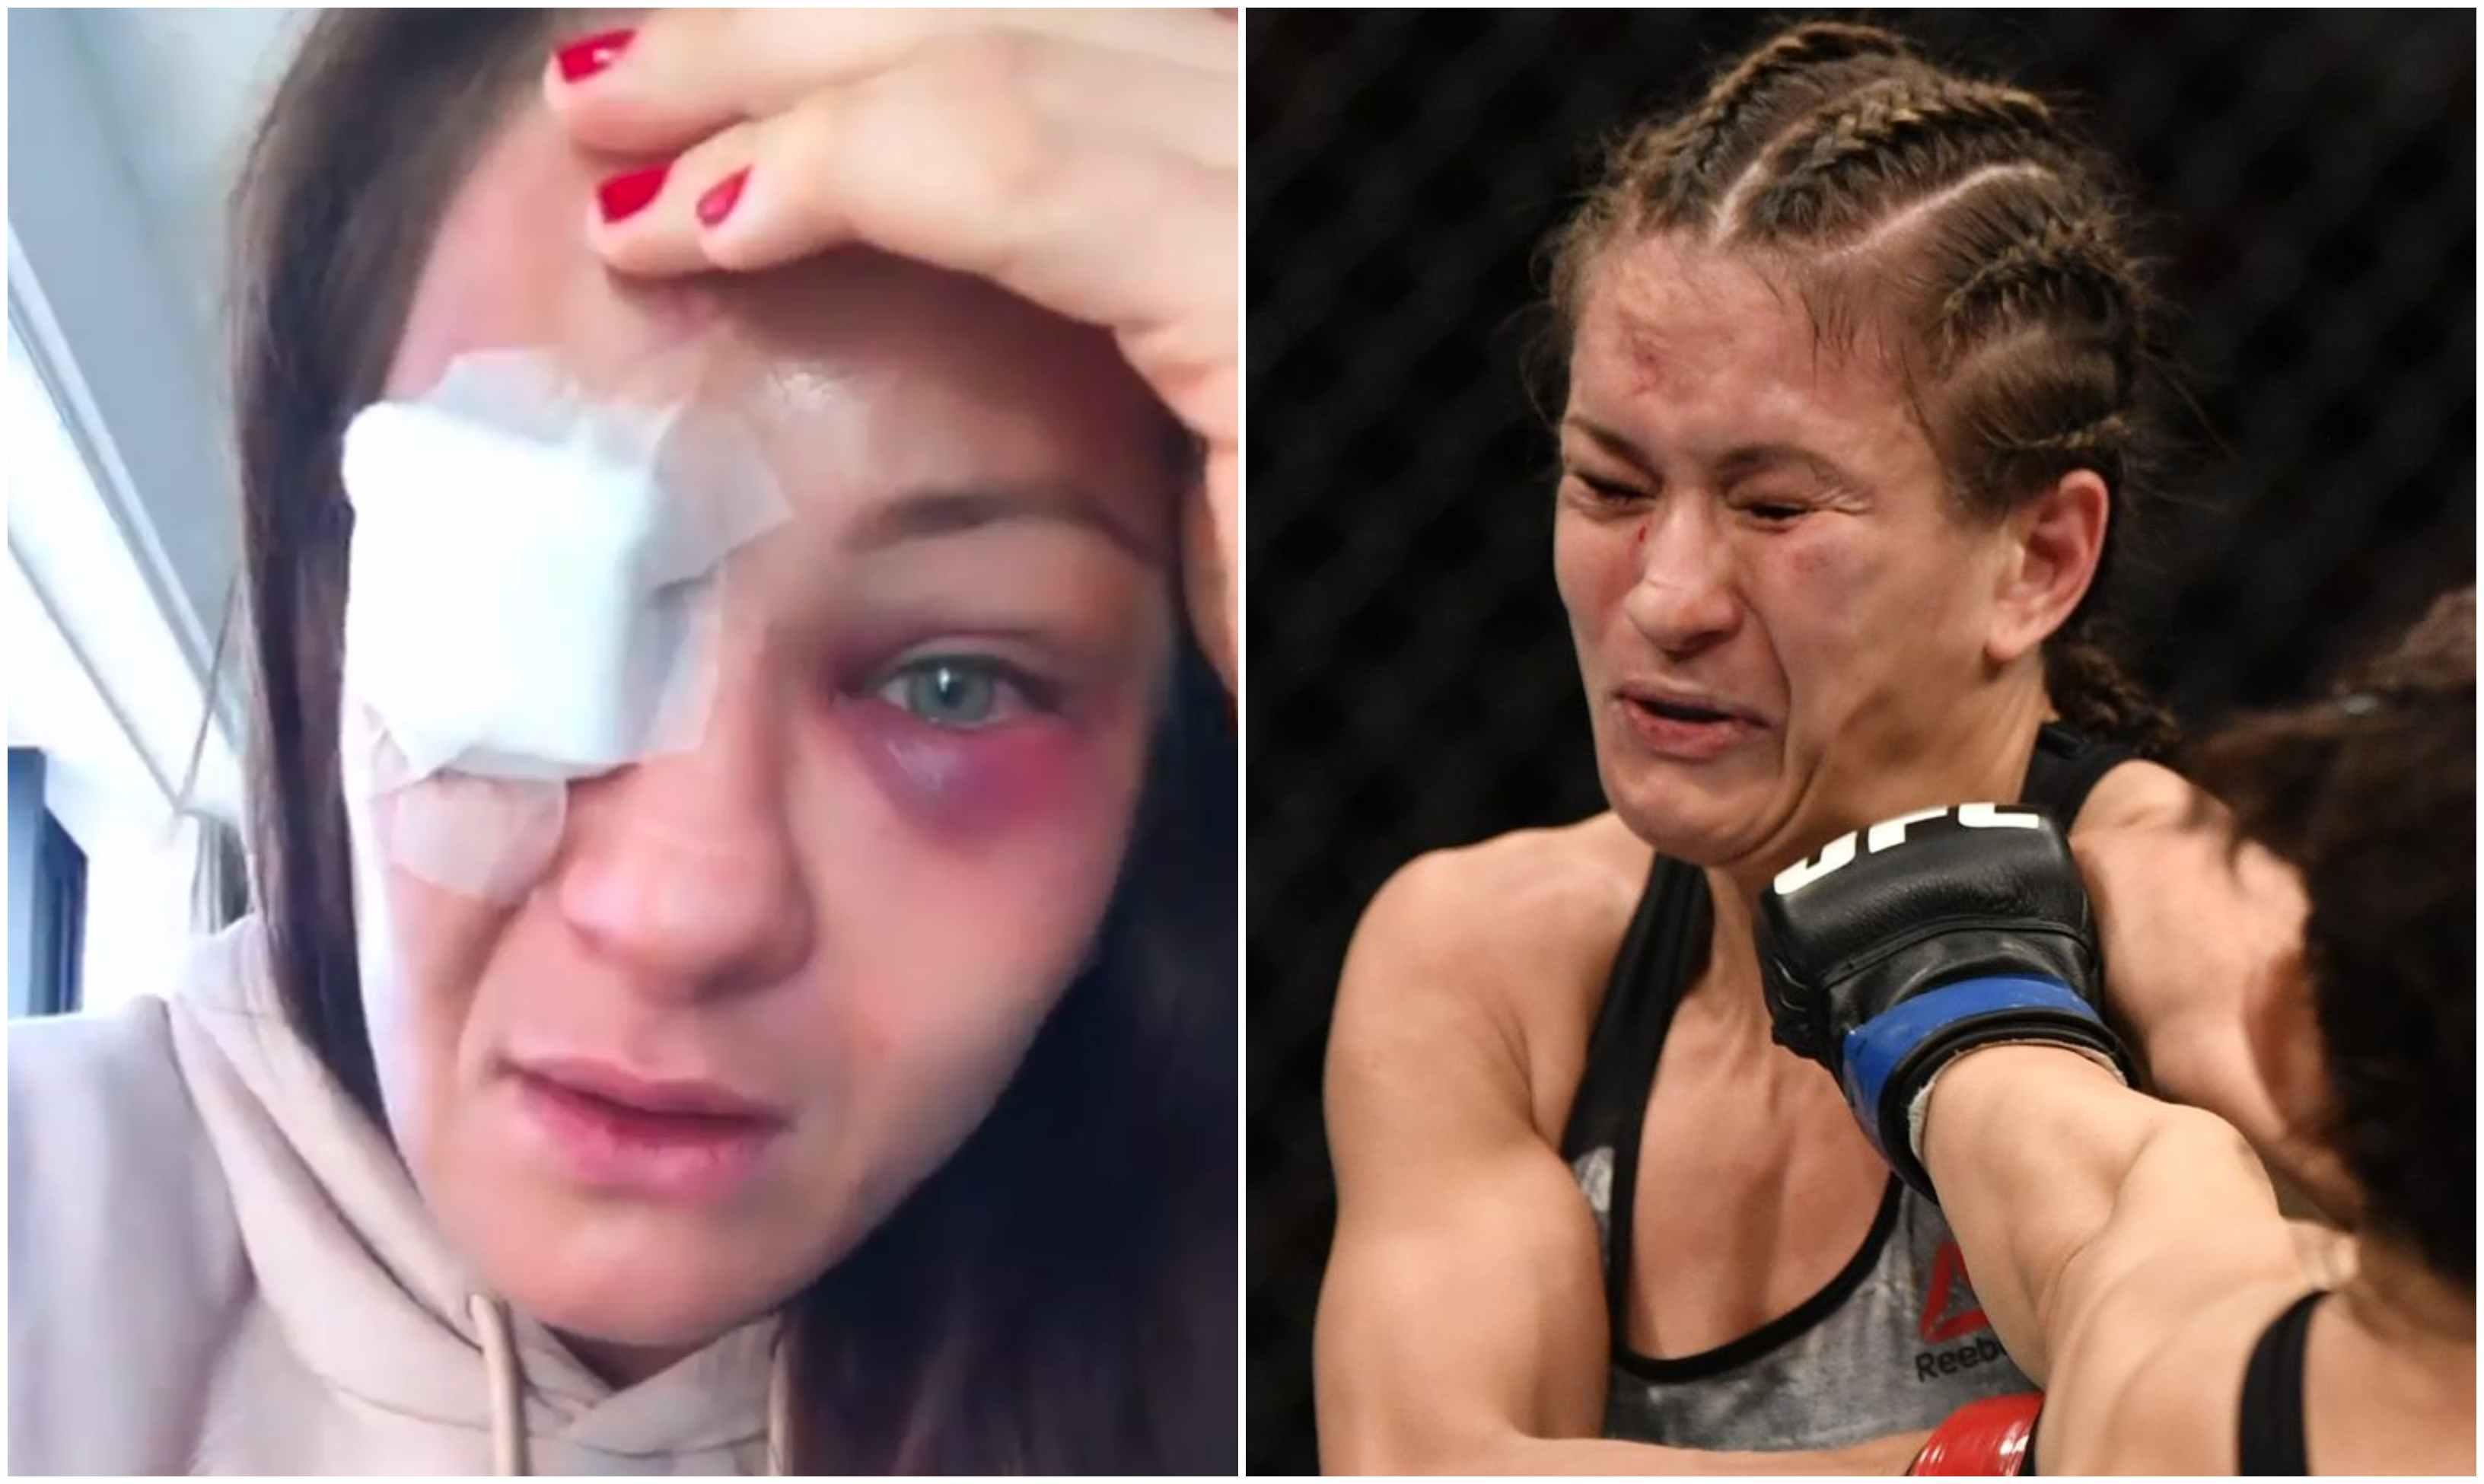 UFC News: Karolina Kowalkiewicz in tears after brutal beating at UFC Auckland - Kowalkiewicz